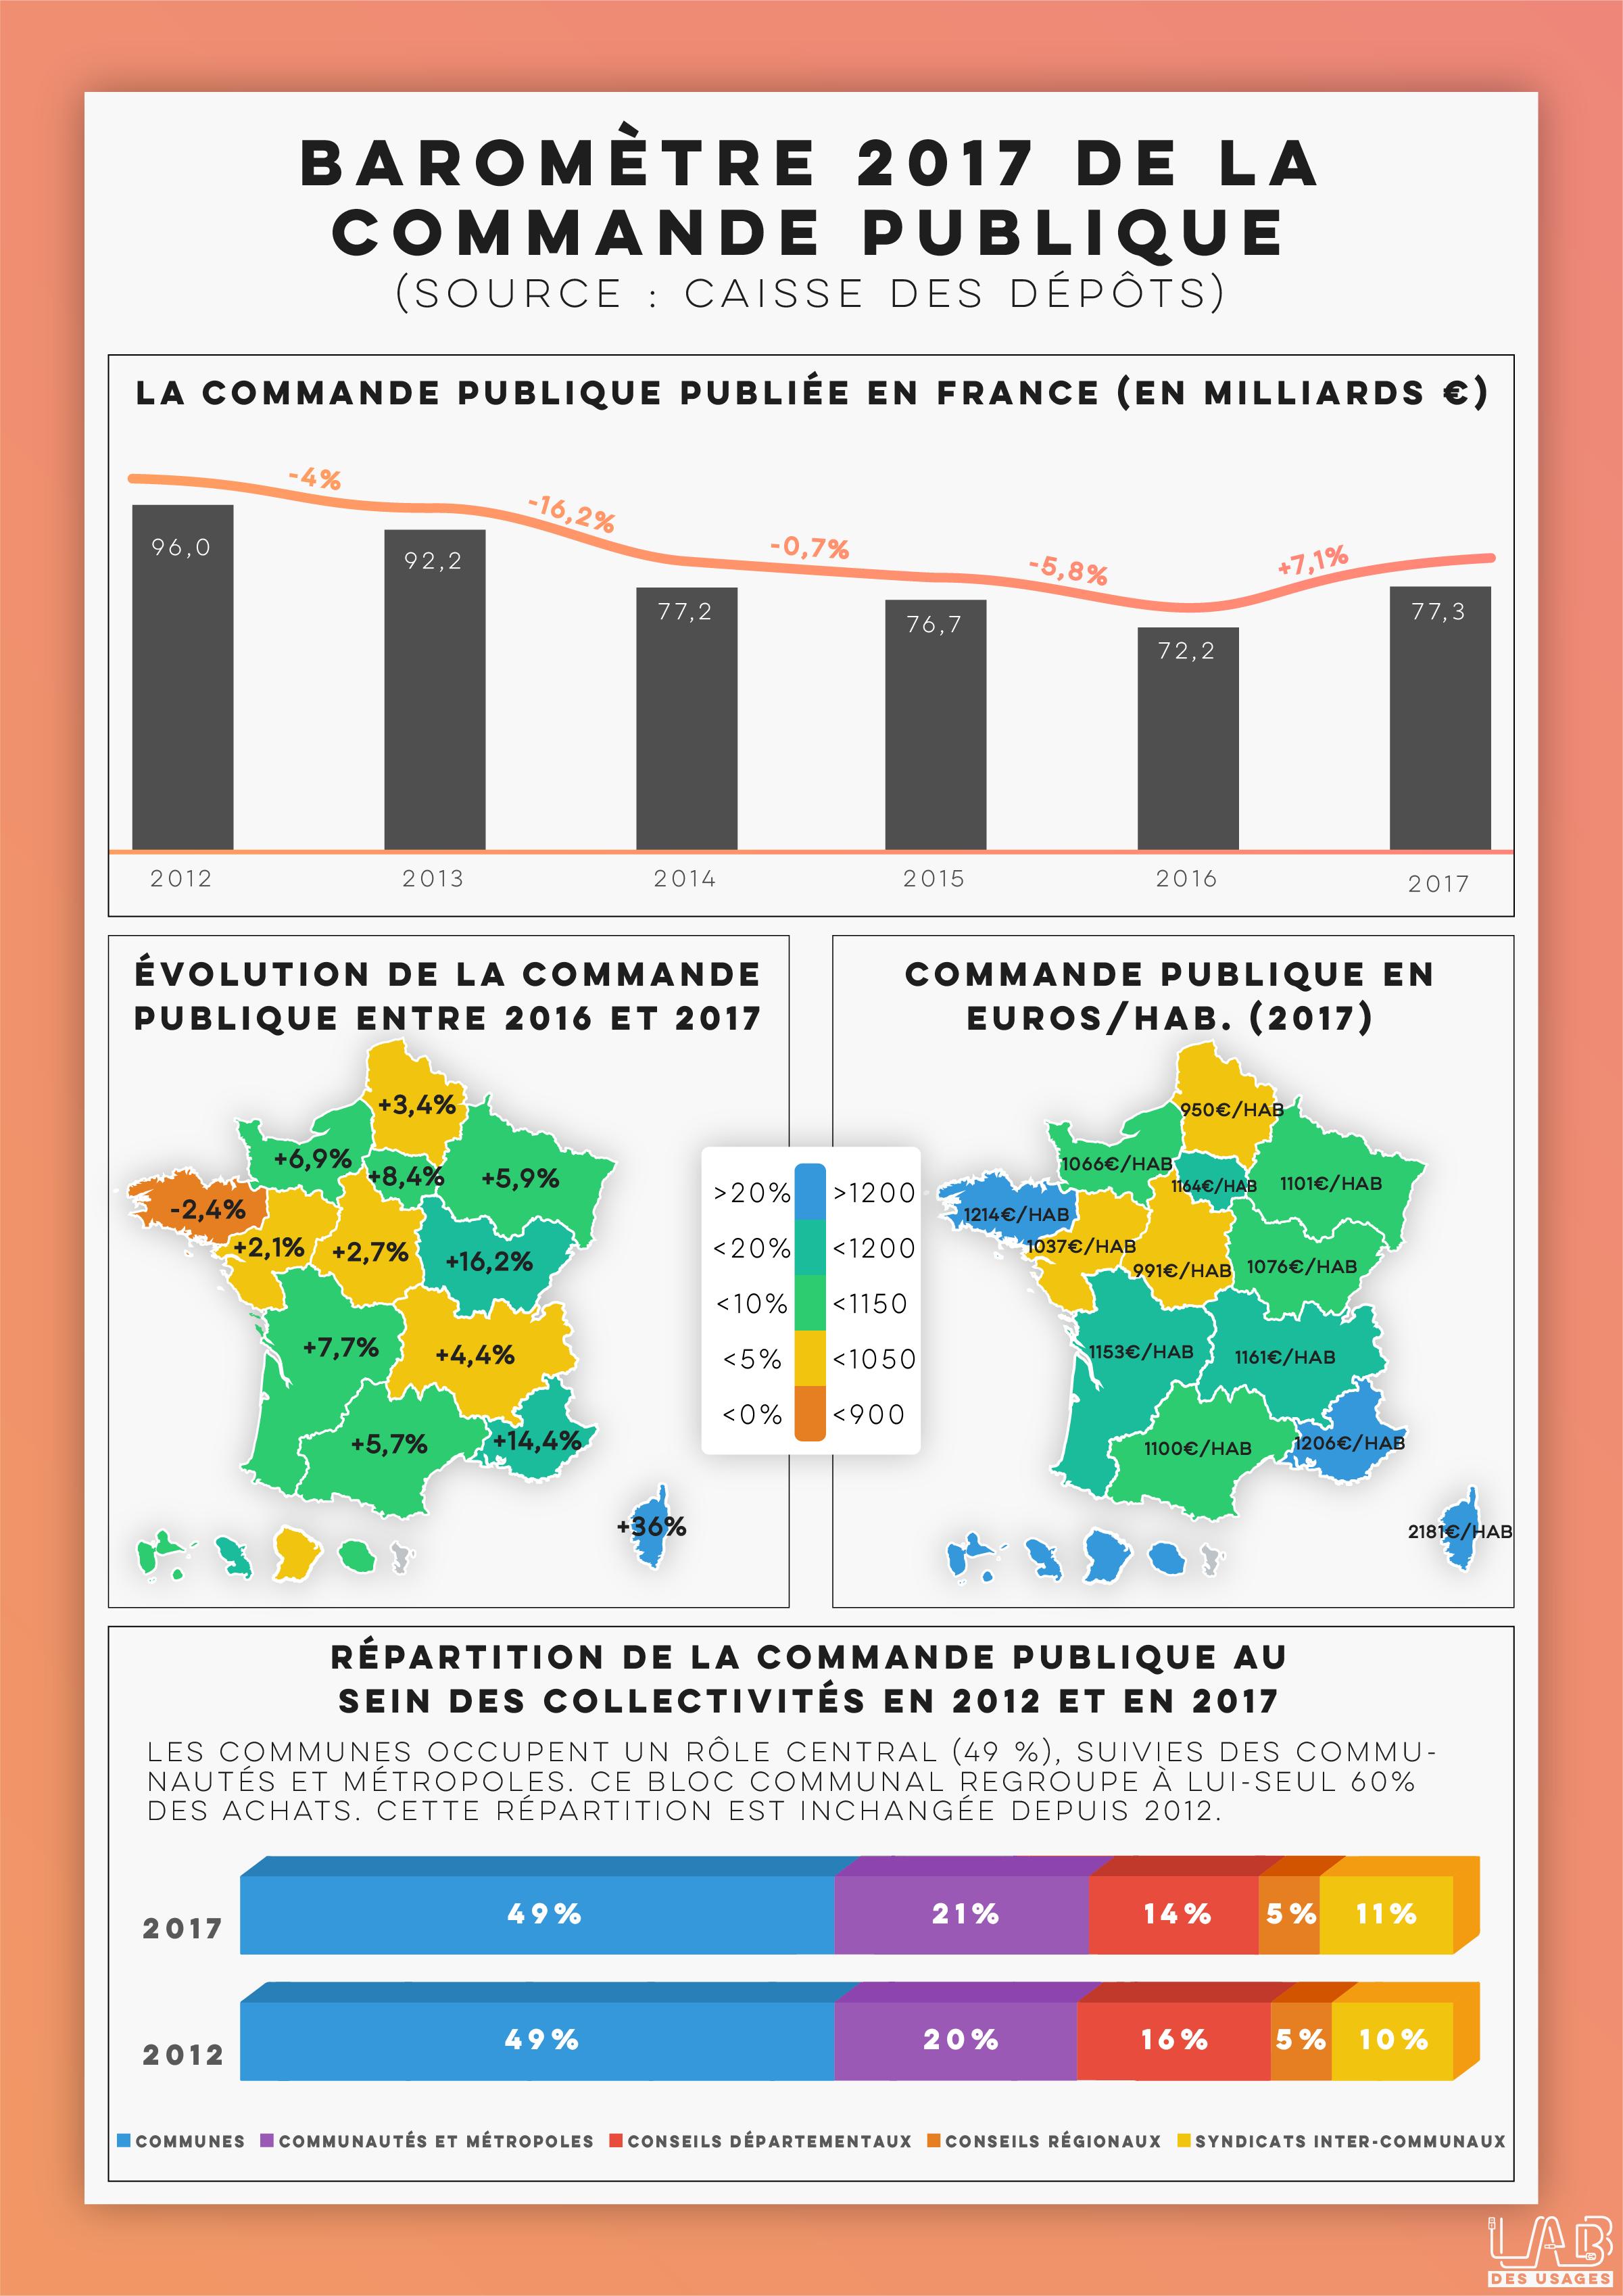 Baromètre 2017 de la commande publique / Caisse des dépôts / Fonction publique / Territoriale